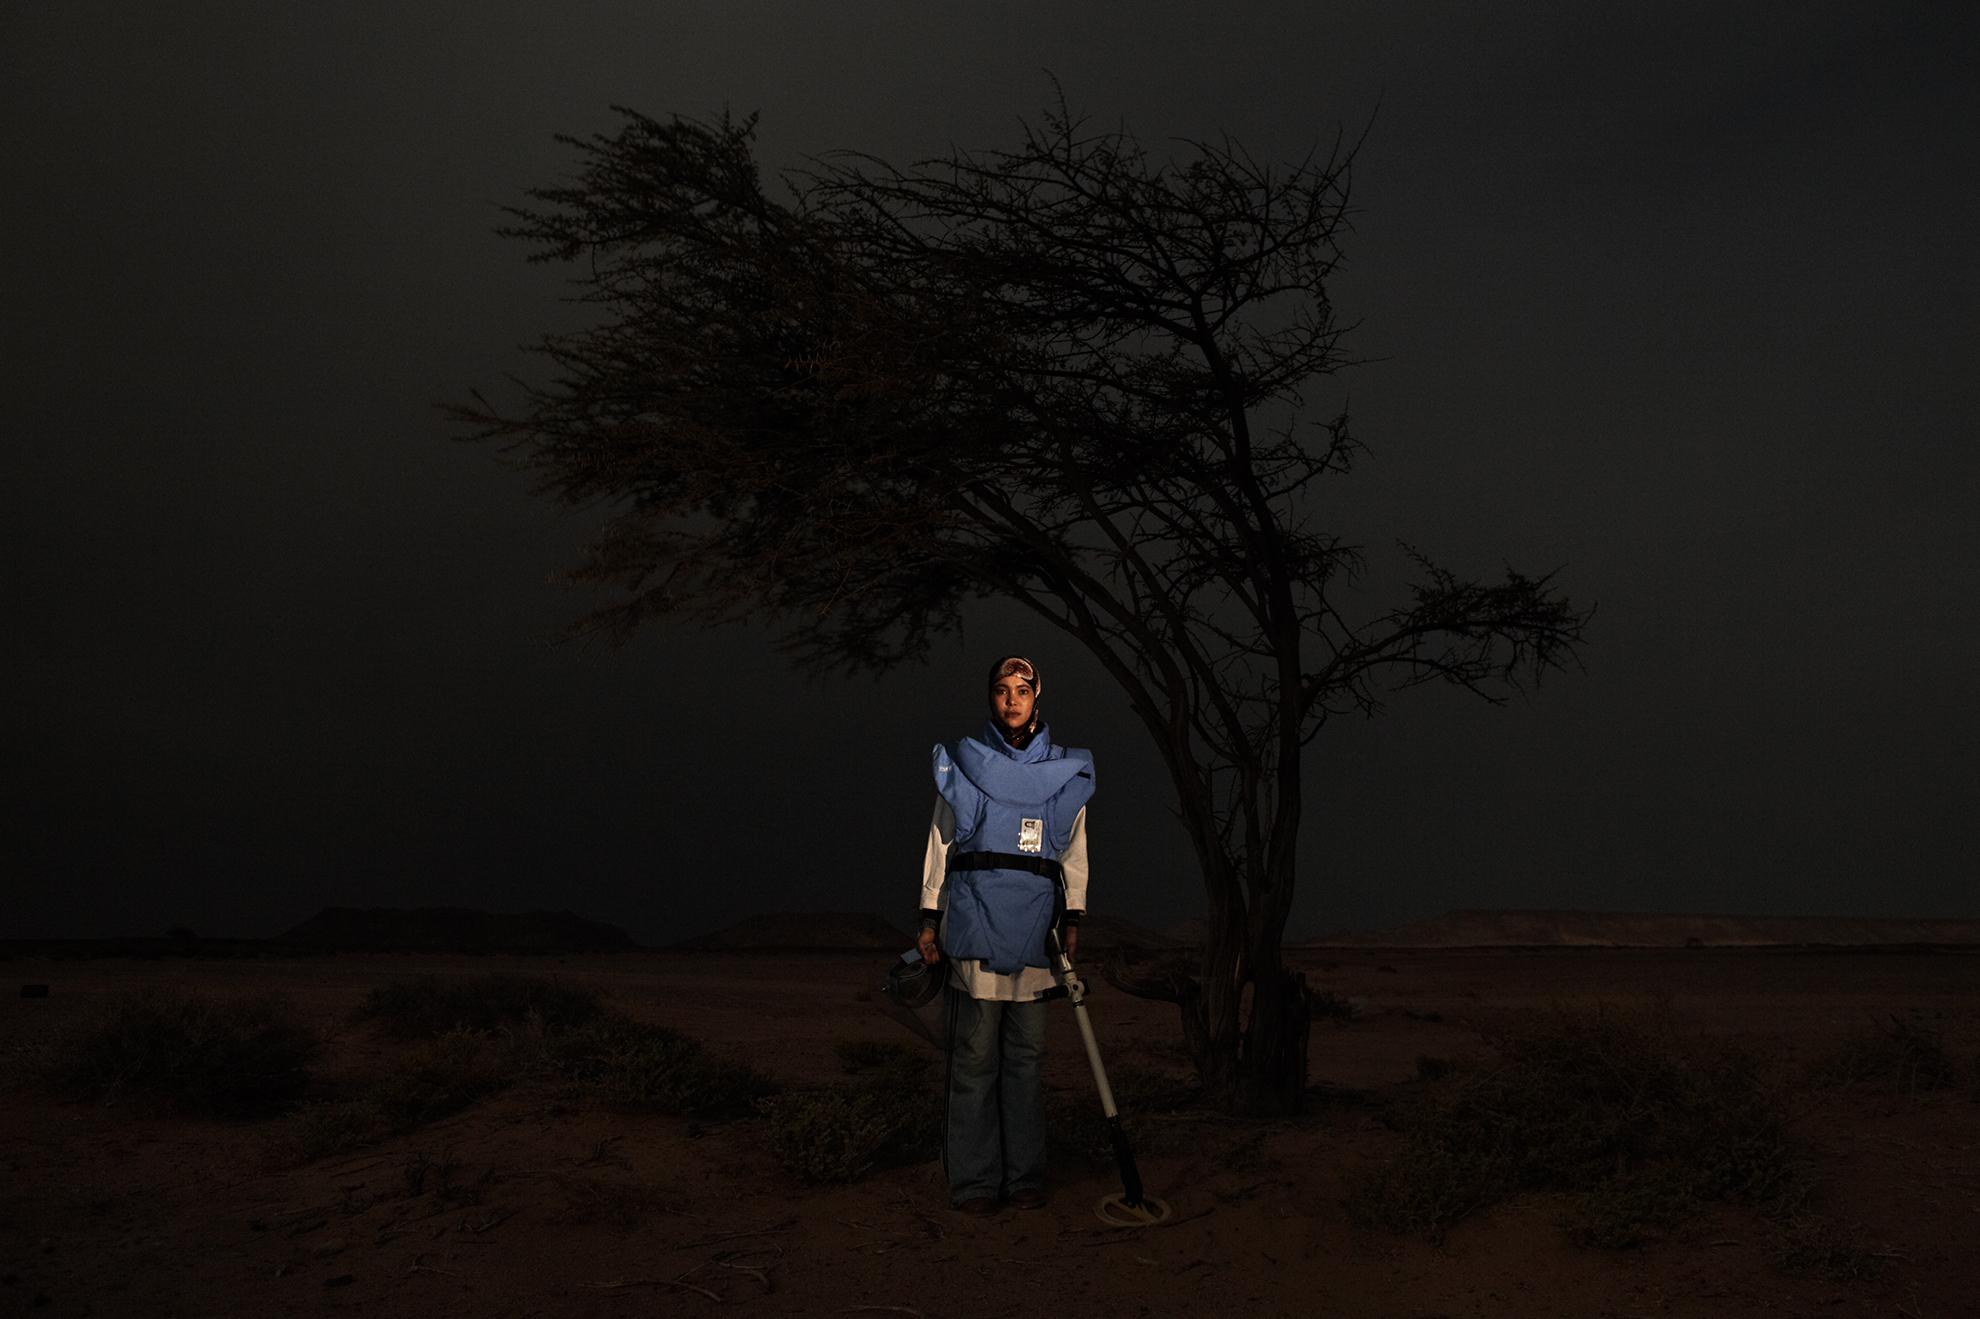 Mariam Zaide Amar, 24 años, desminadora, fotografiada en Mehaires, en el Sáhara Occidental controlado por el Polisario (República Árabe Saharaui Democrática).